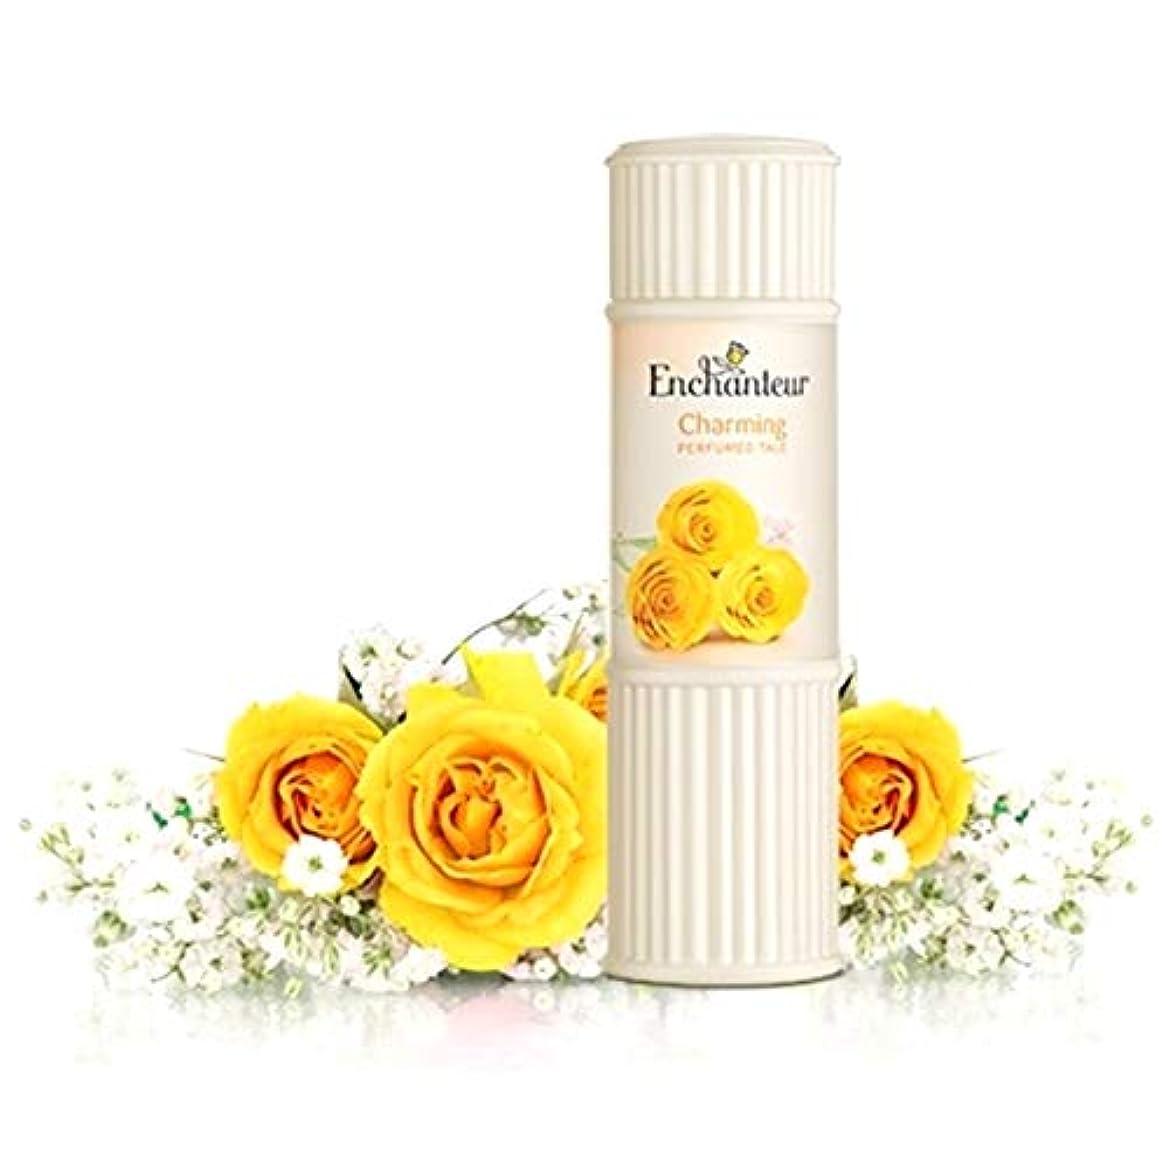 裁量デザイナー規制するEnchanteur Perfumed Talc アンシャンター パフュームタルク 100g オリジナルポーチ付き【並行輸入品】 (Charming)